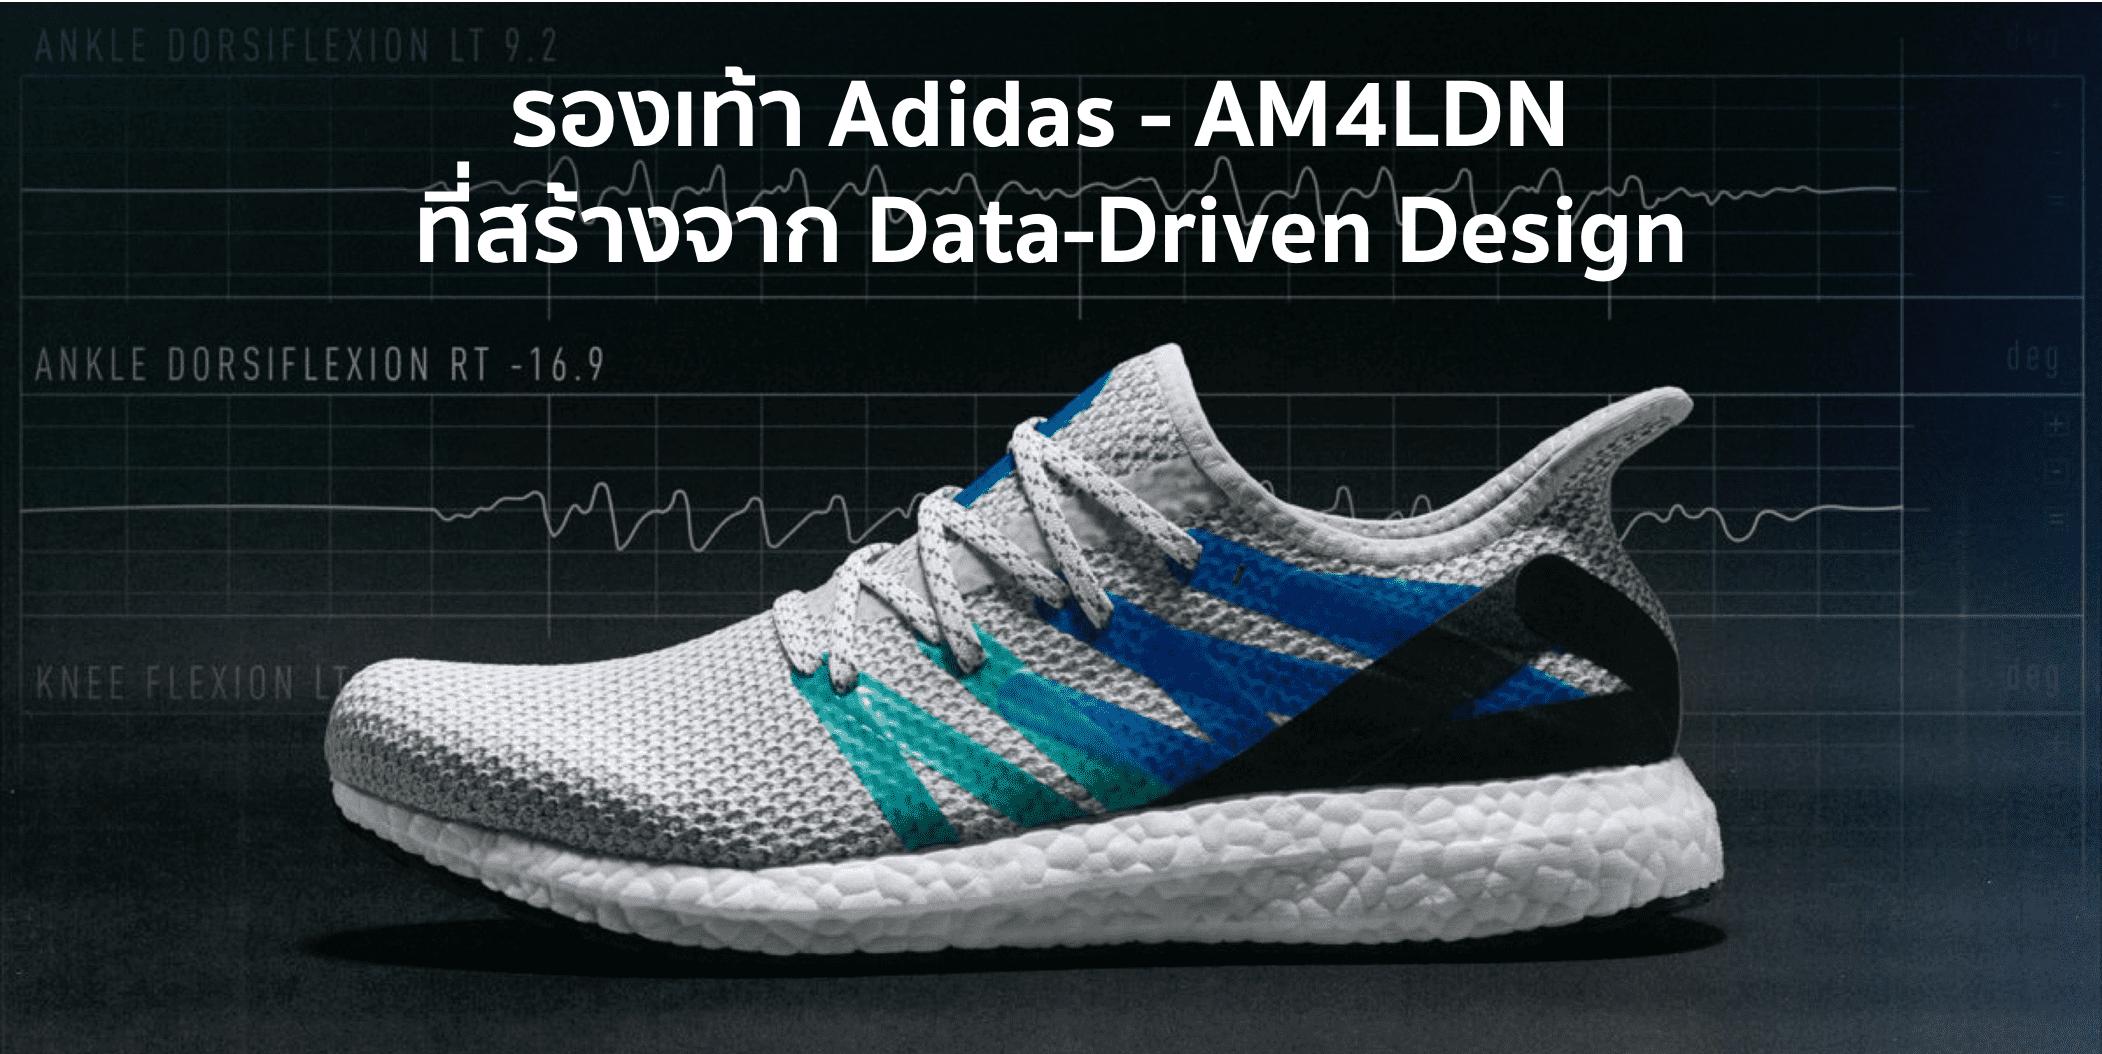 รองเท้า Adidas – AM4LDN ที่สร้างจาก Data-Driven Design